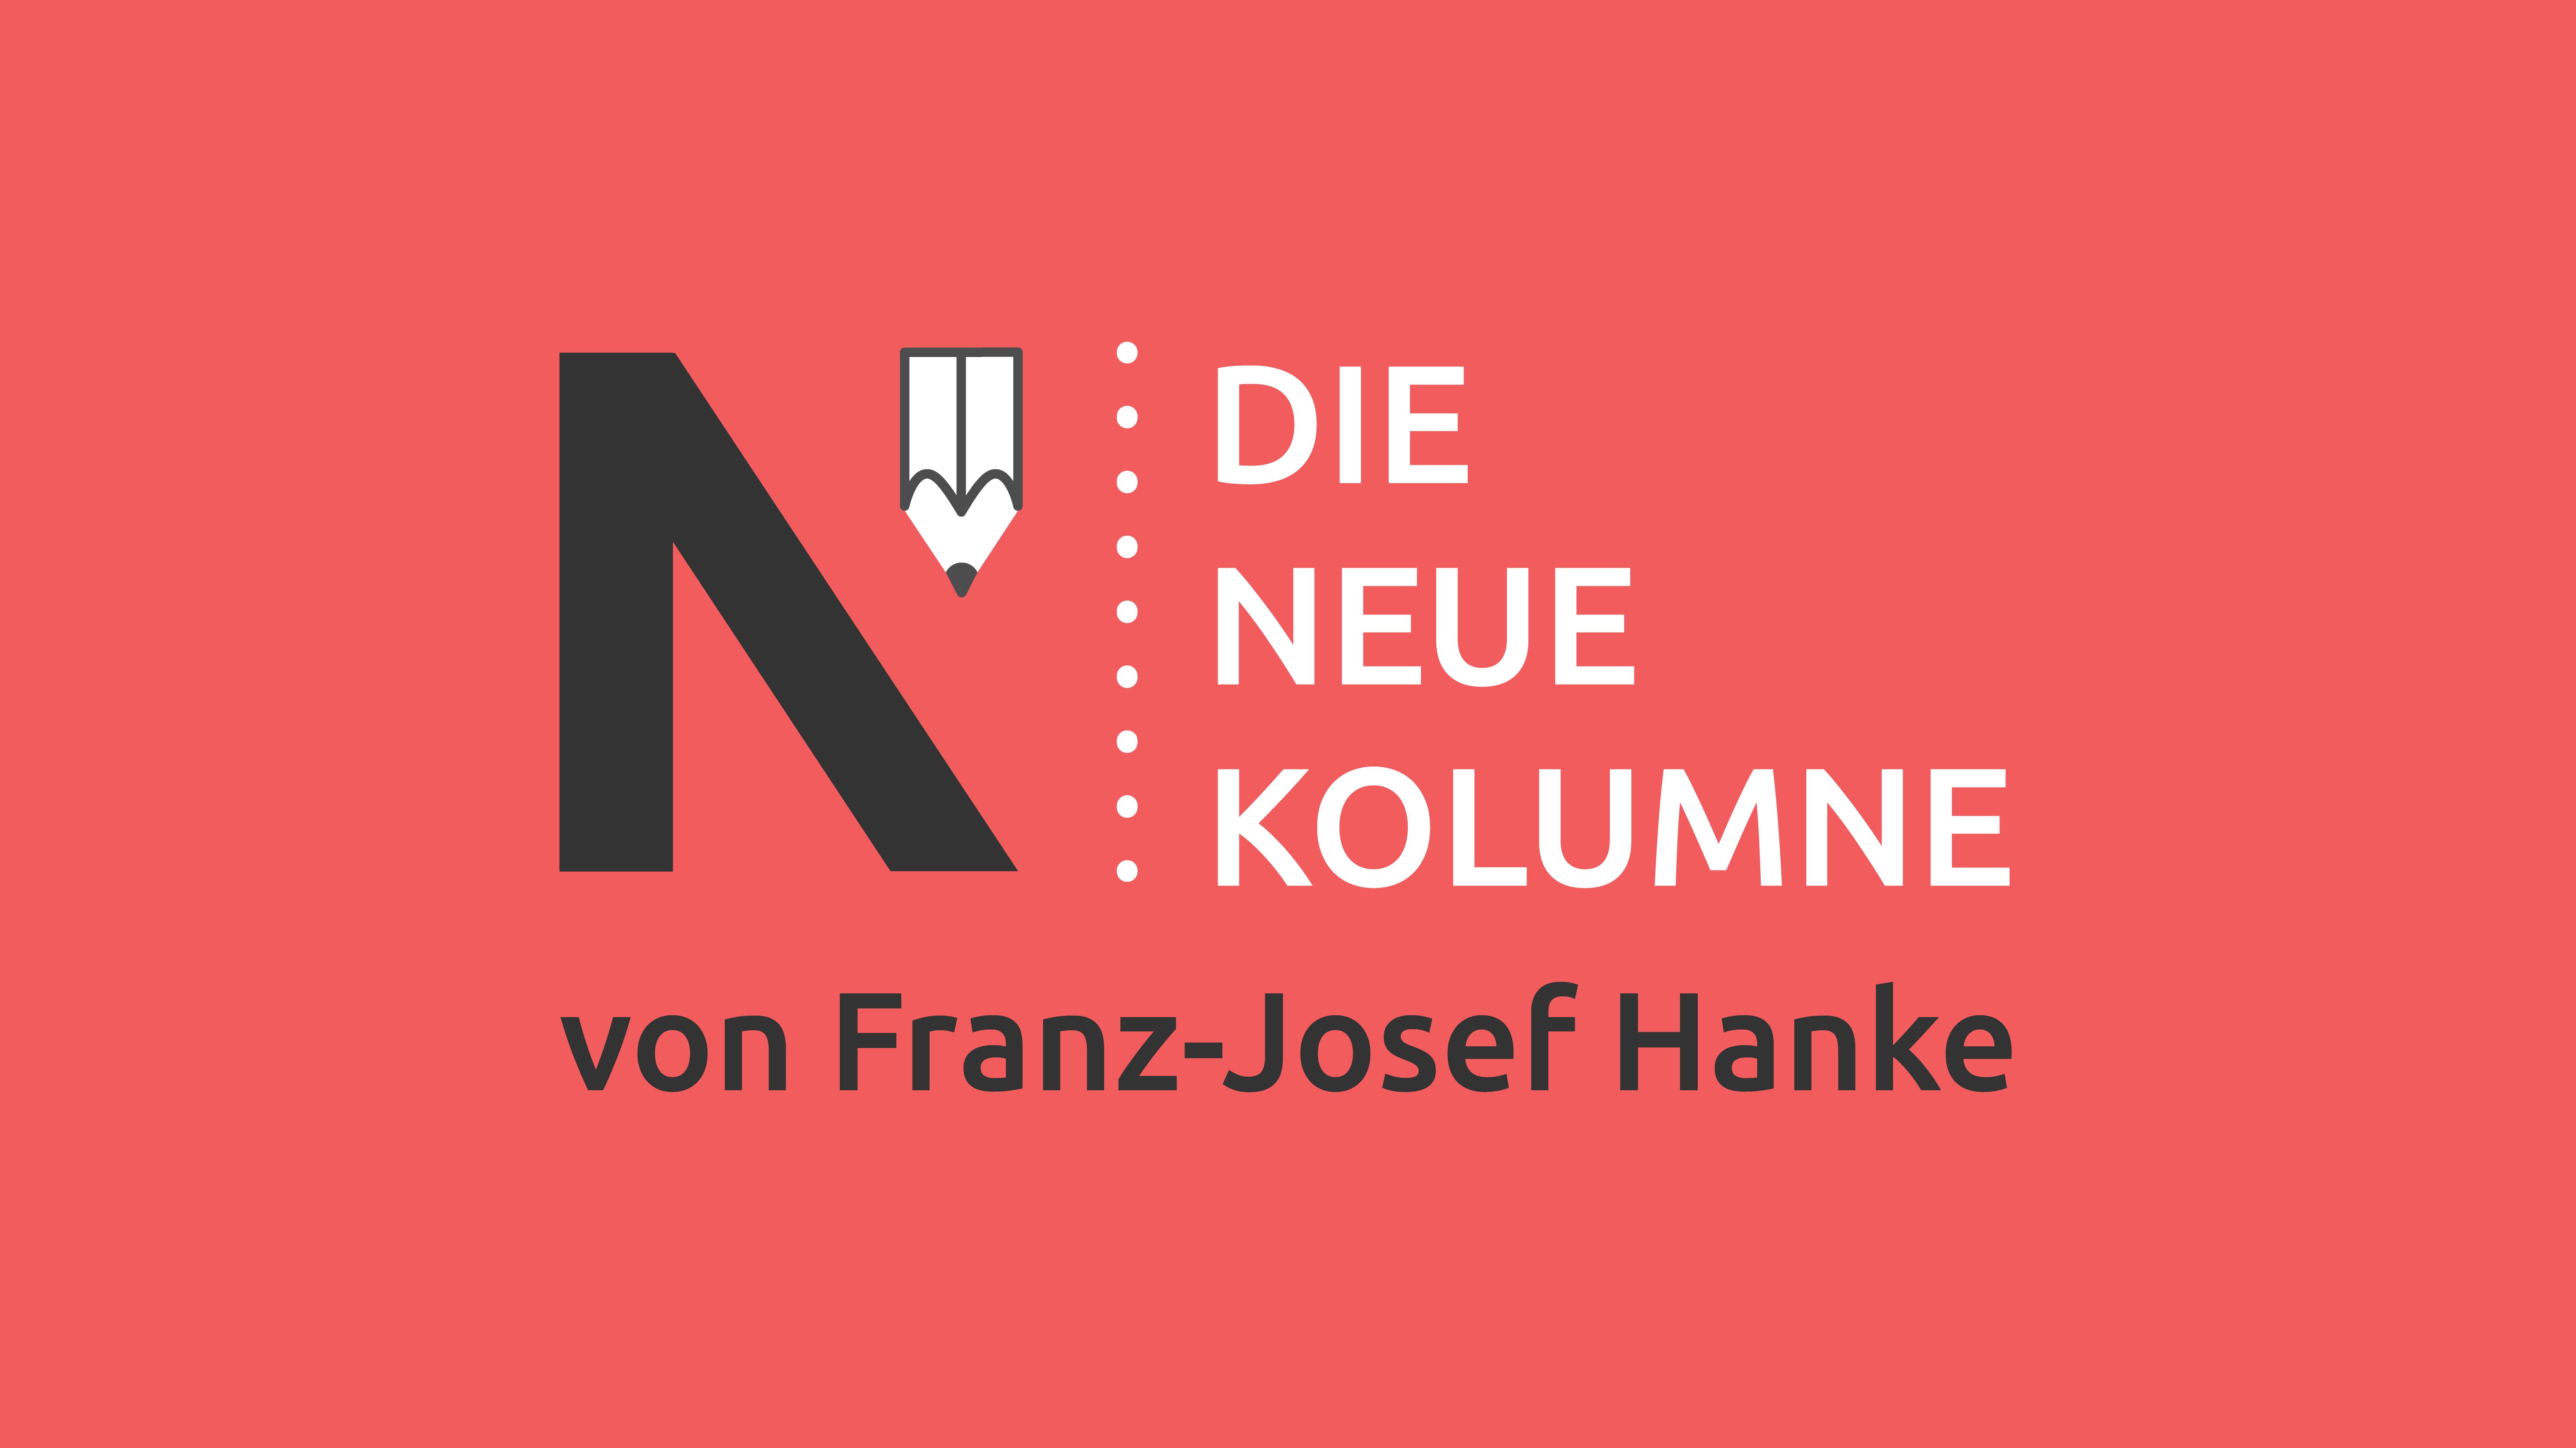 Das Logo von Die Neue Norm auf rotem Grund. Rechts steht: Die neue Kolumne. Unten steht: Von Franz-Josef Hanke.